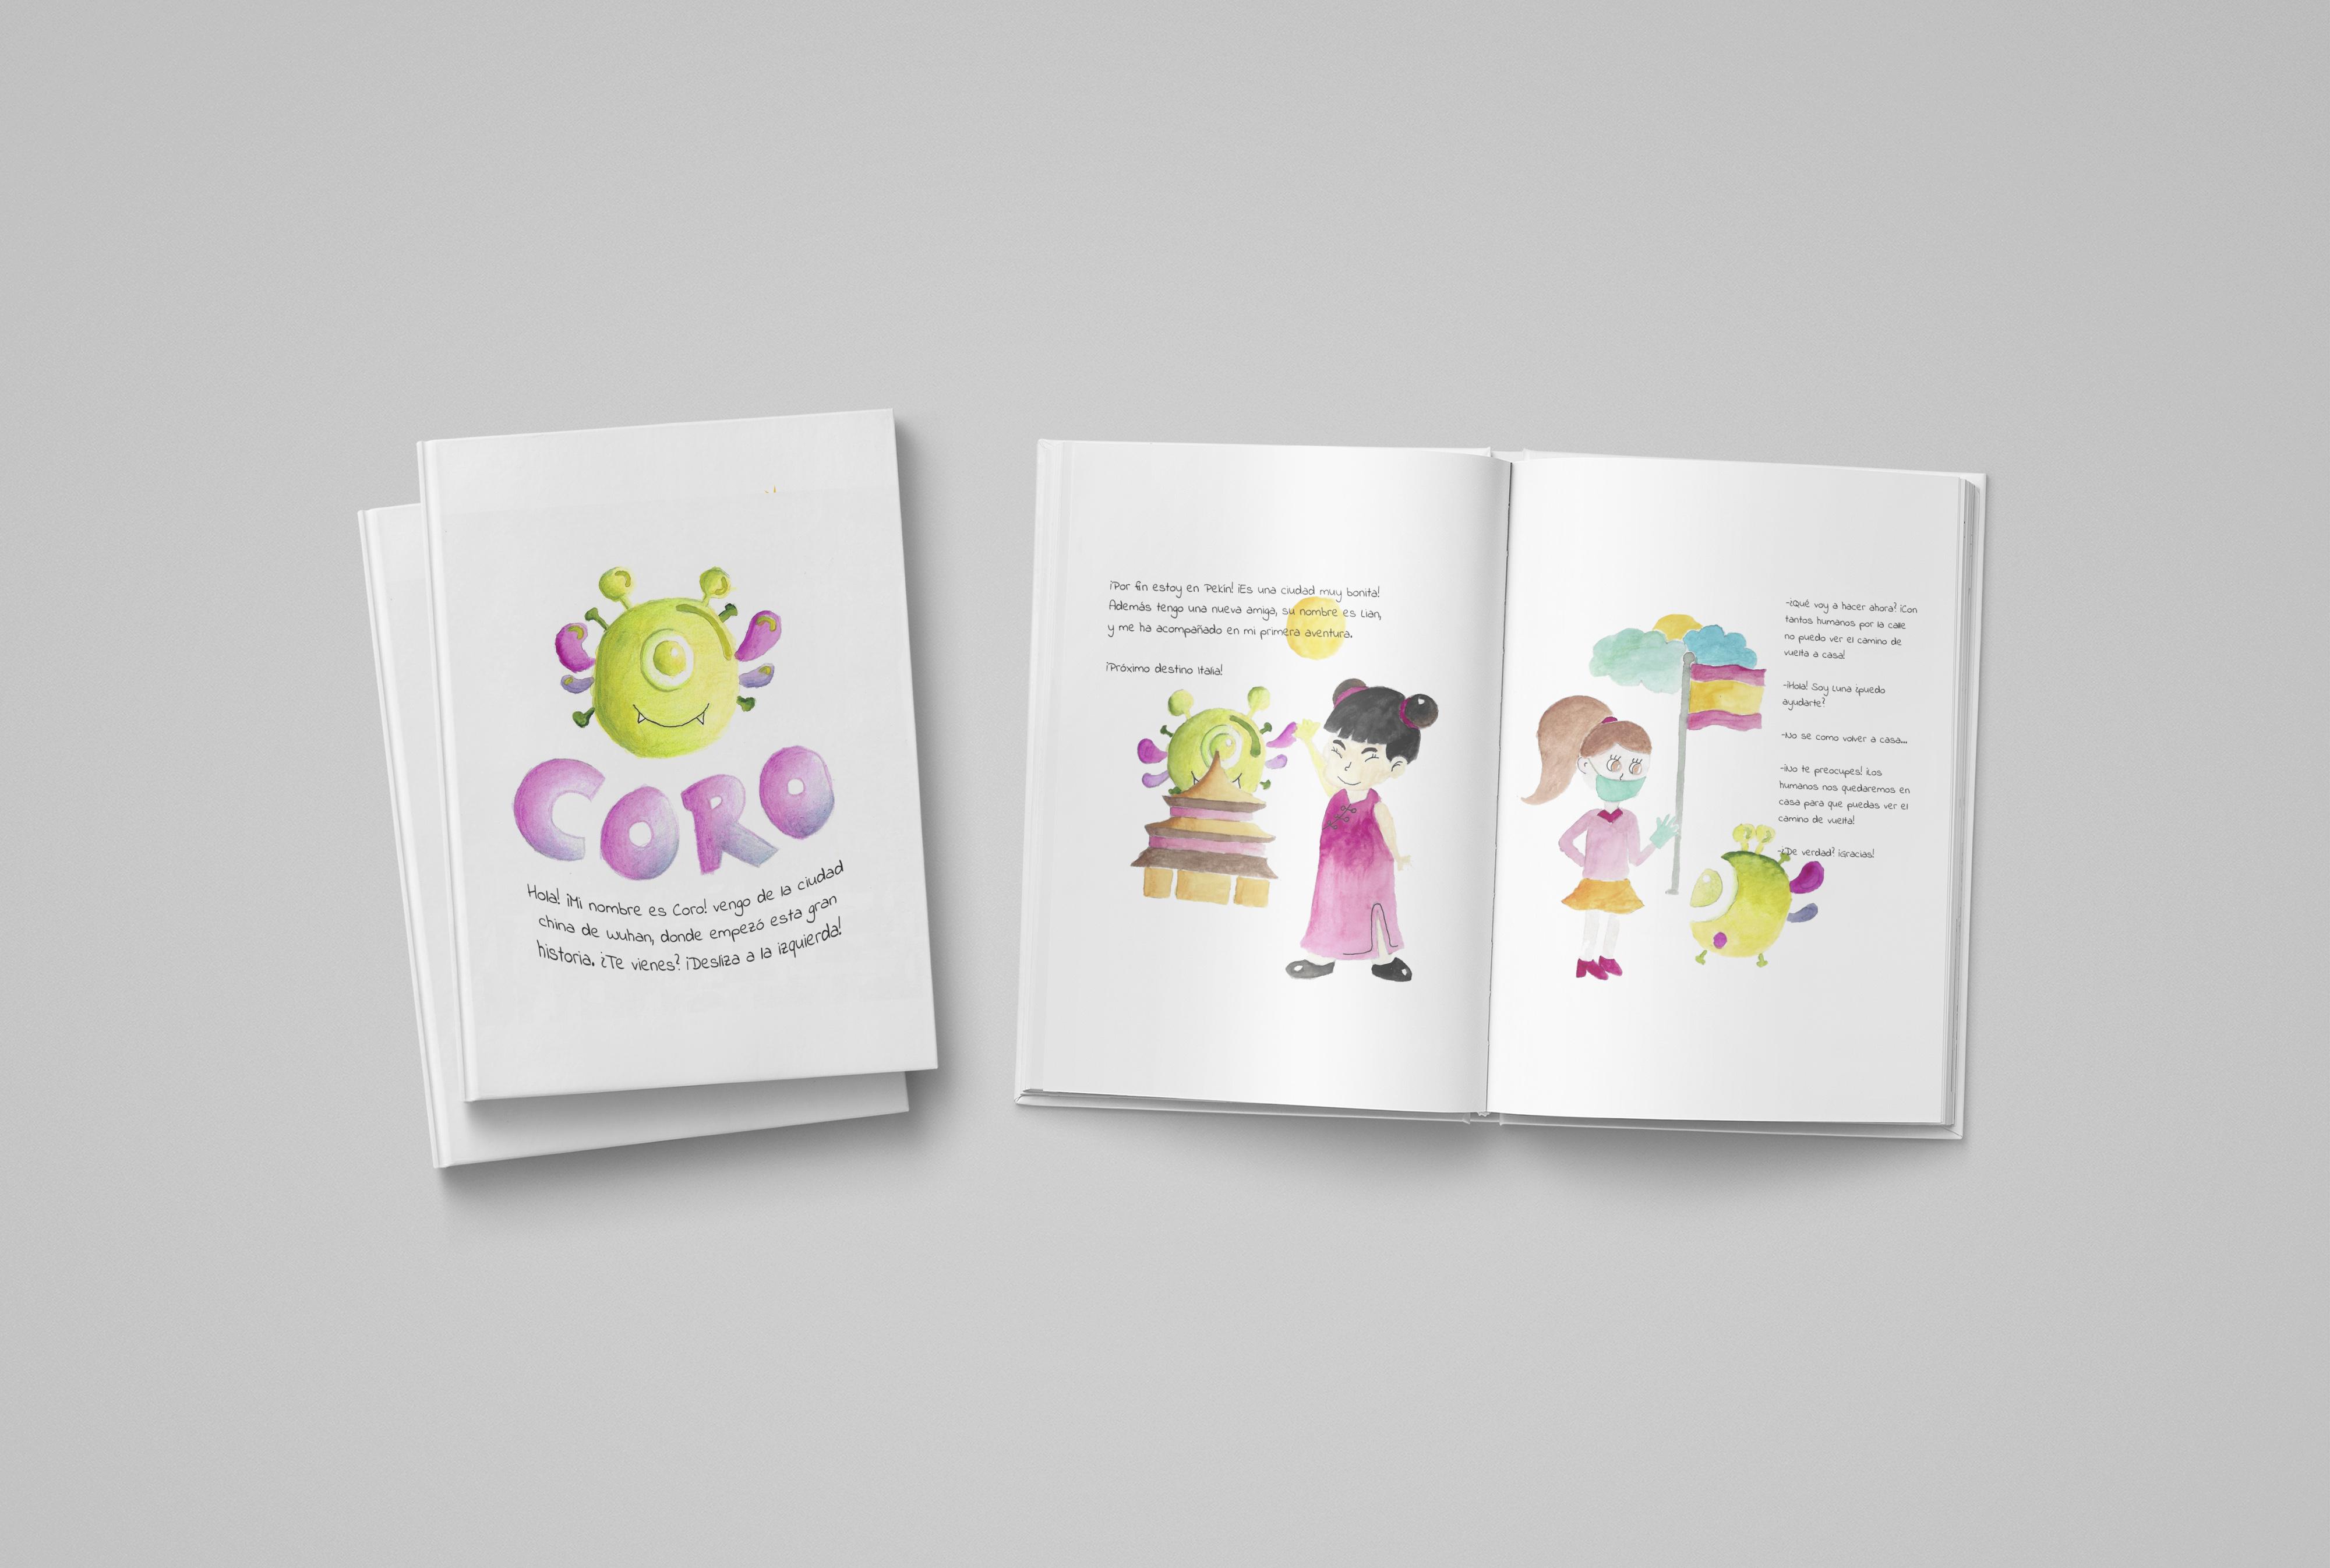 Cuento: Las aventuras de Coro by Nerea Vidal Muñoz - Creative Work